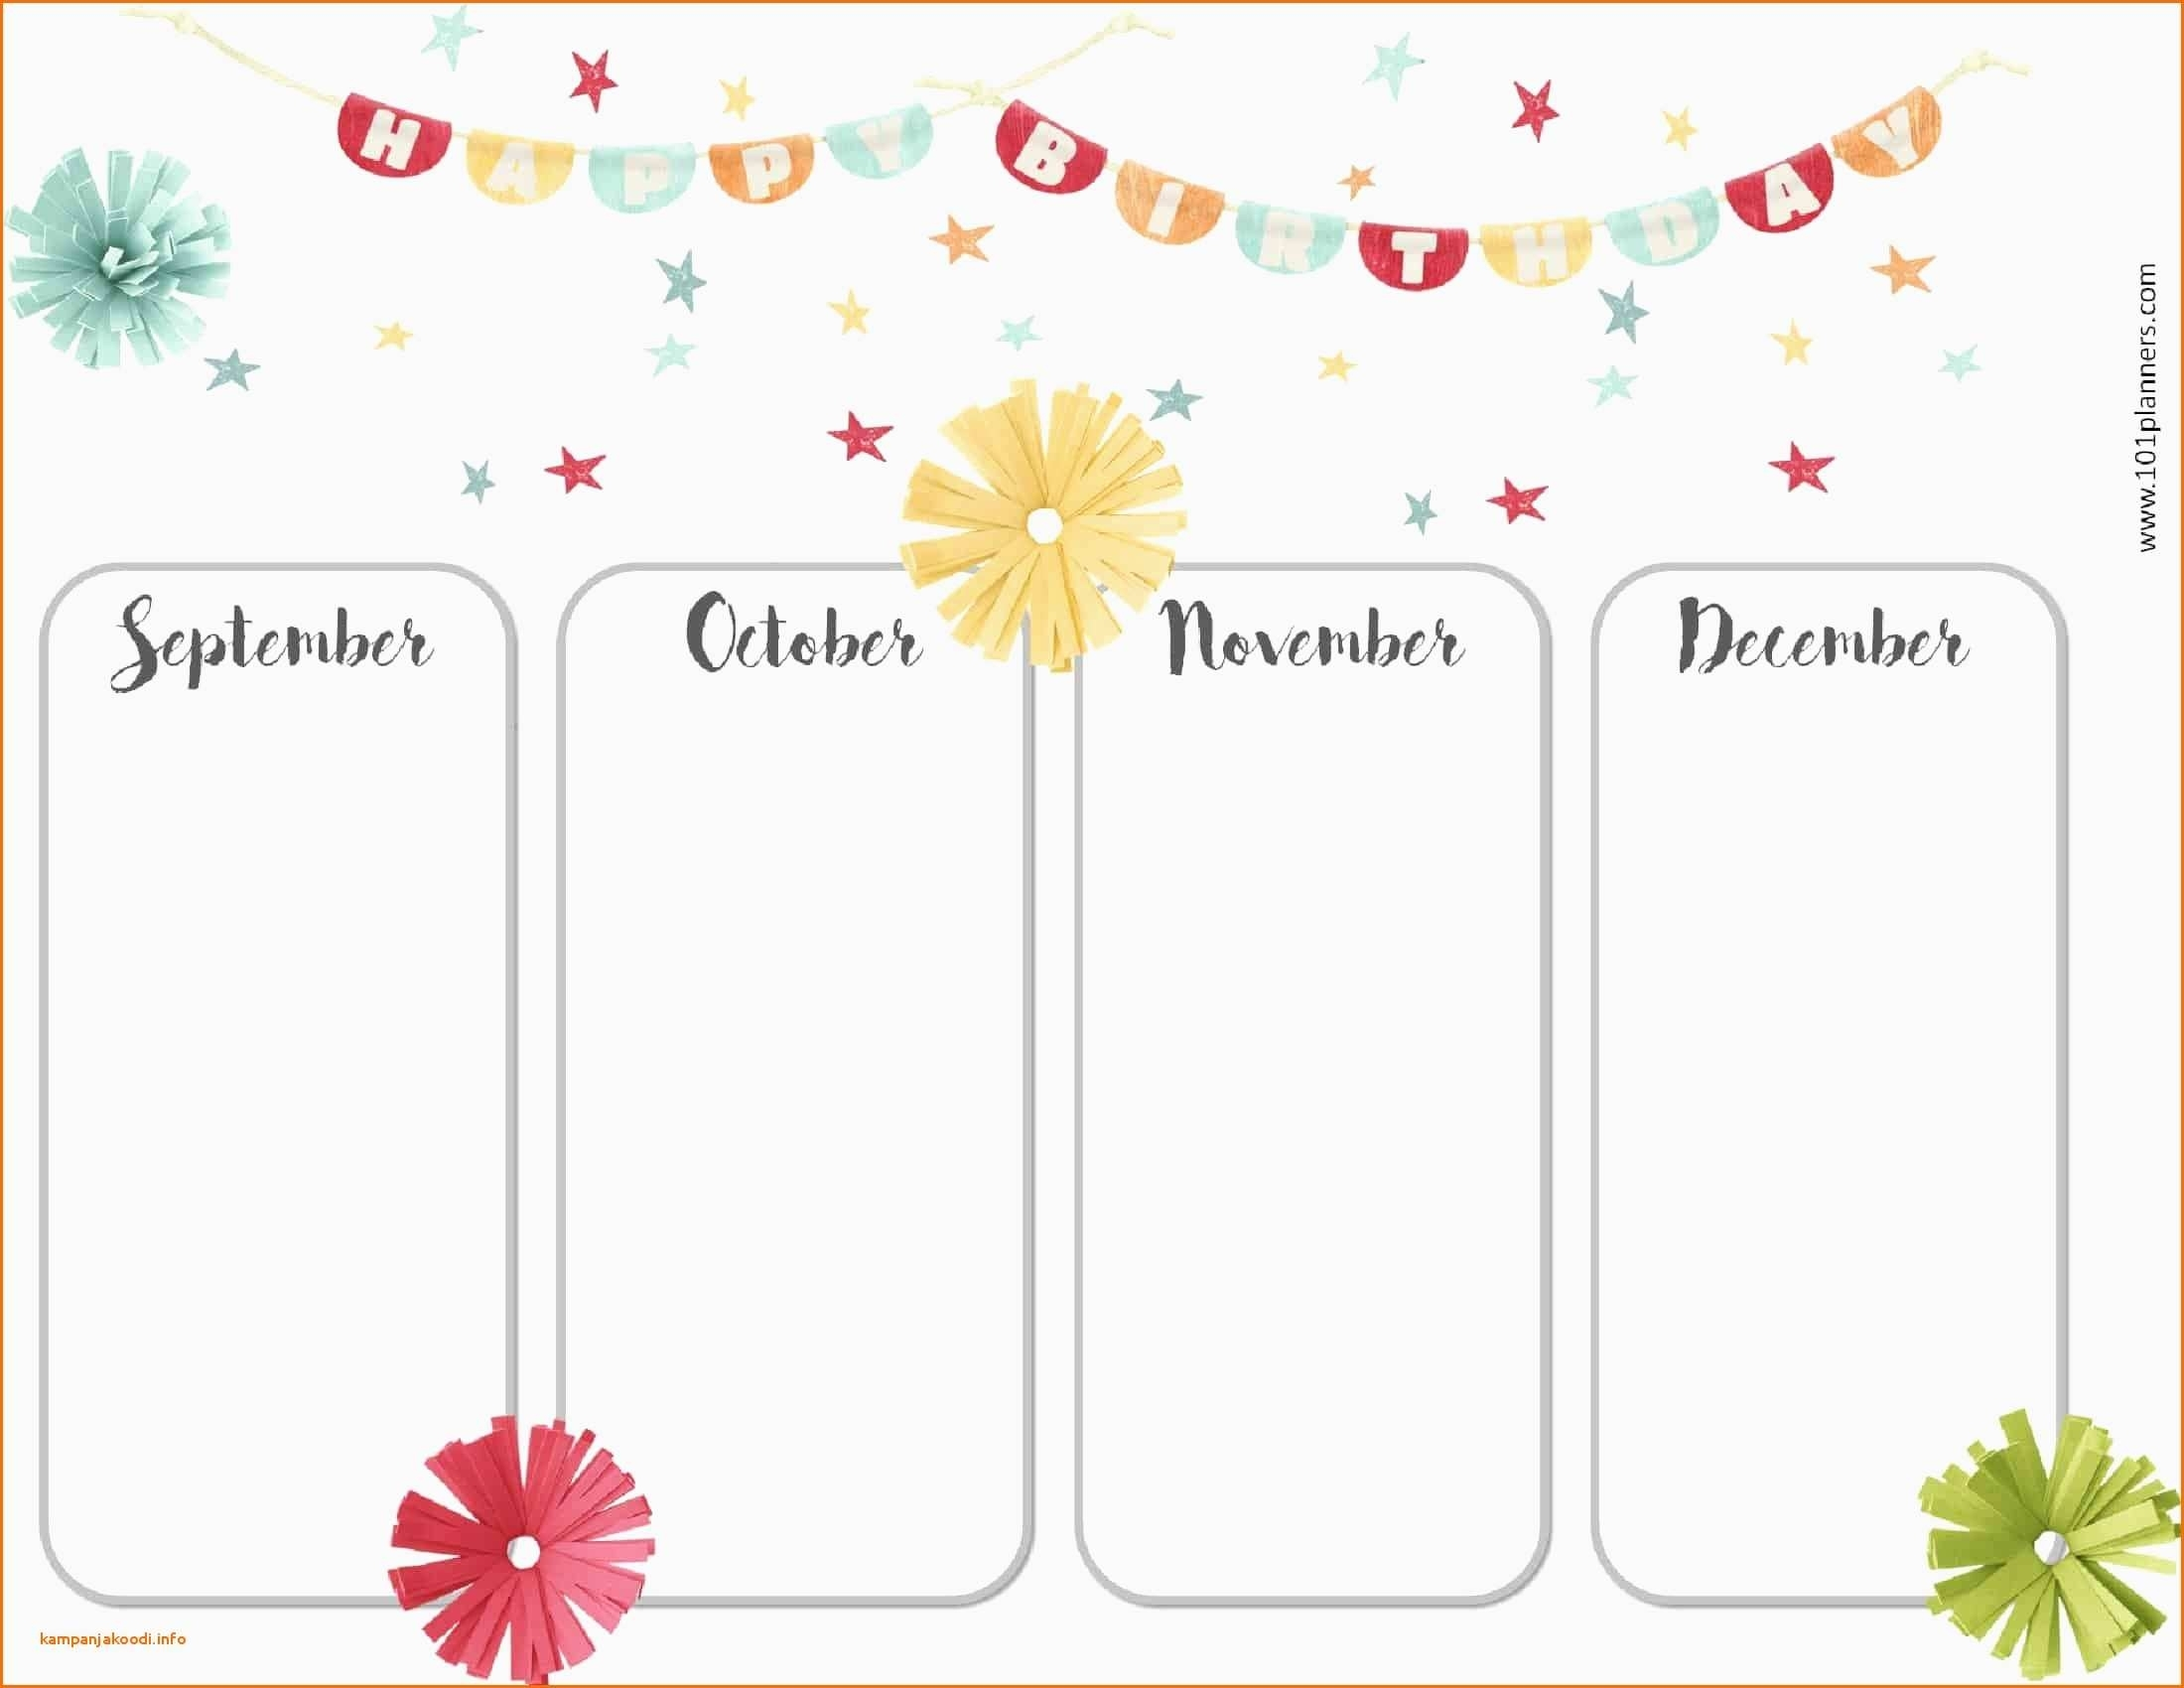 Perpetual Calendar Template Free Printable Birthday Calendar in Free Images Of Birthday Calanders